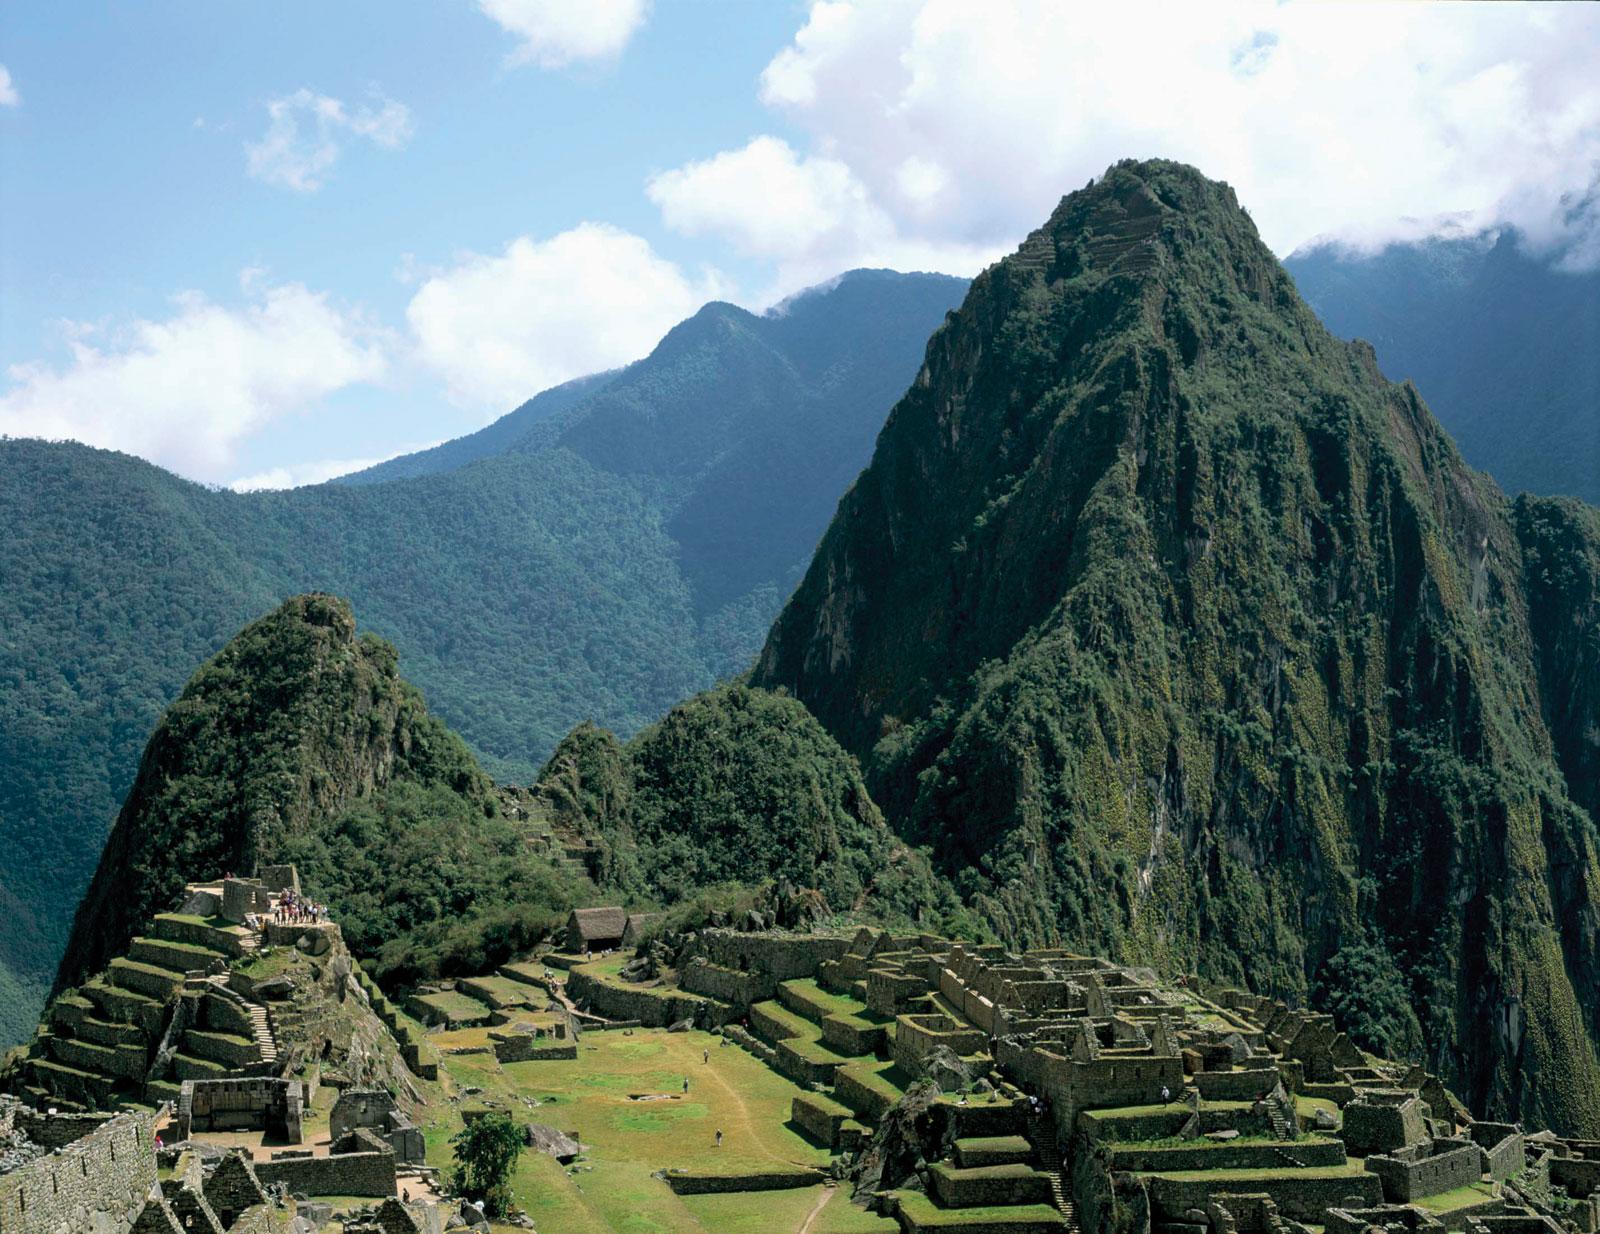 Peru - Page 4 83843-050-92E13D7E